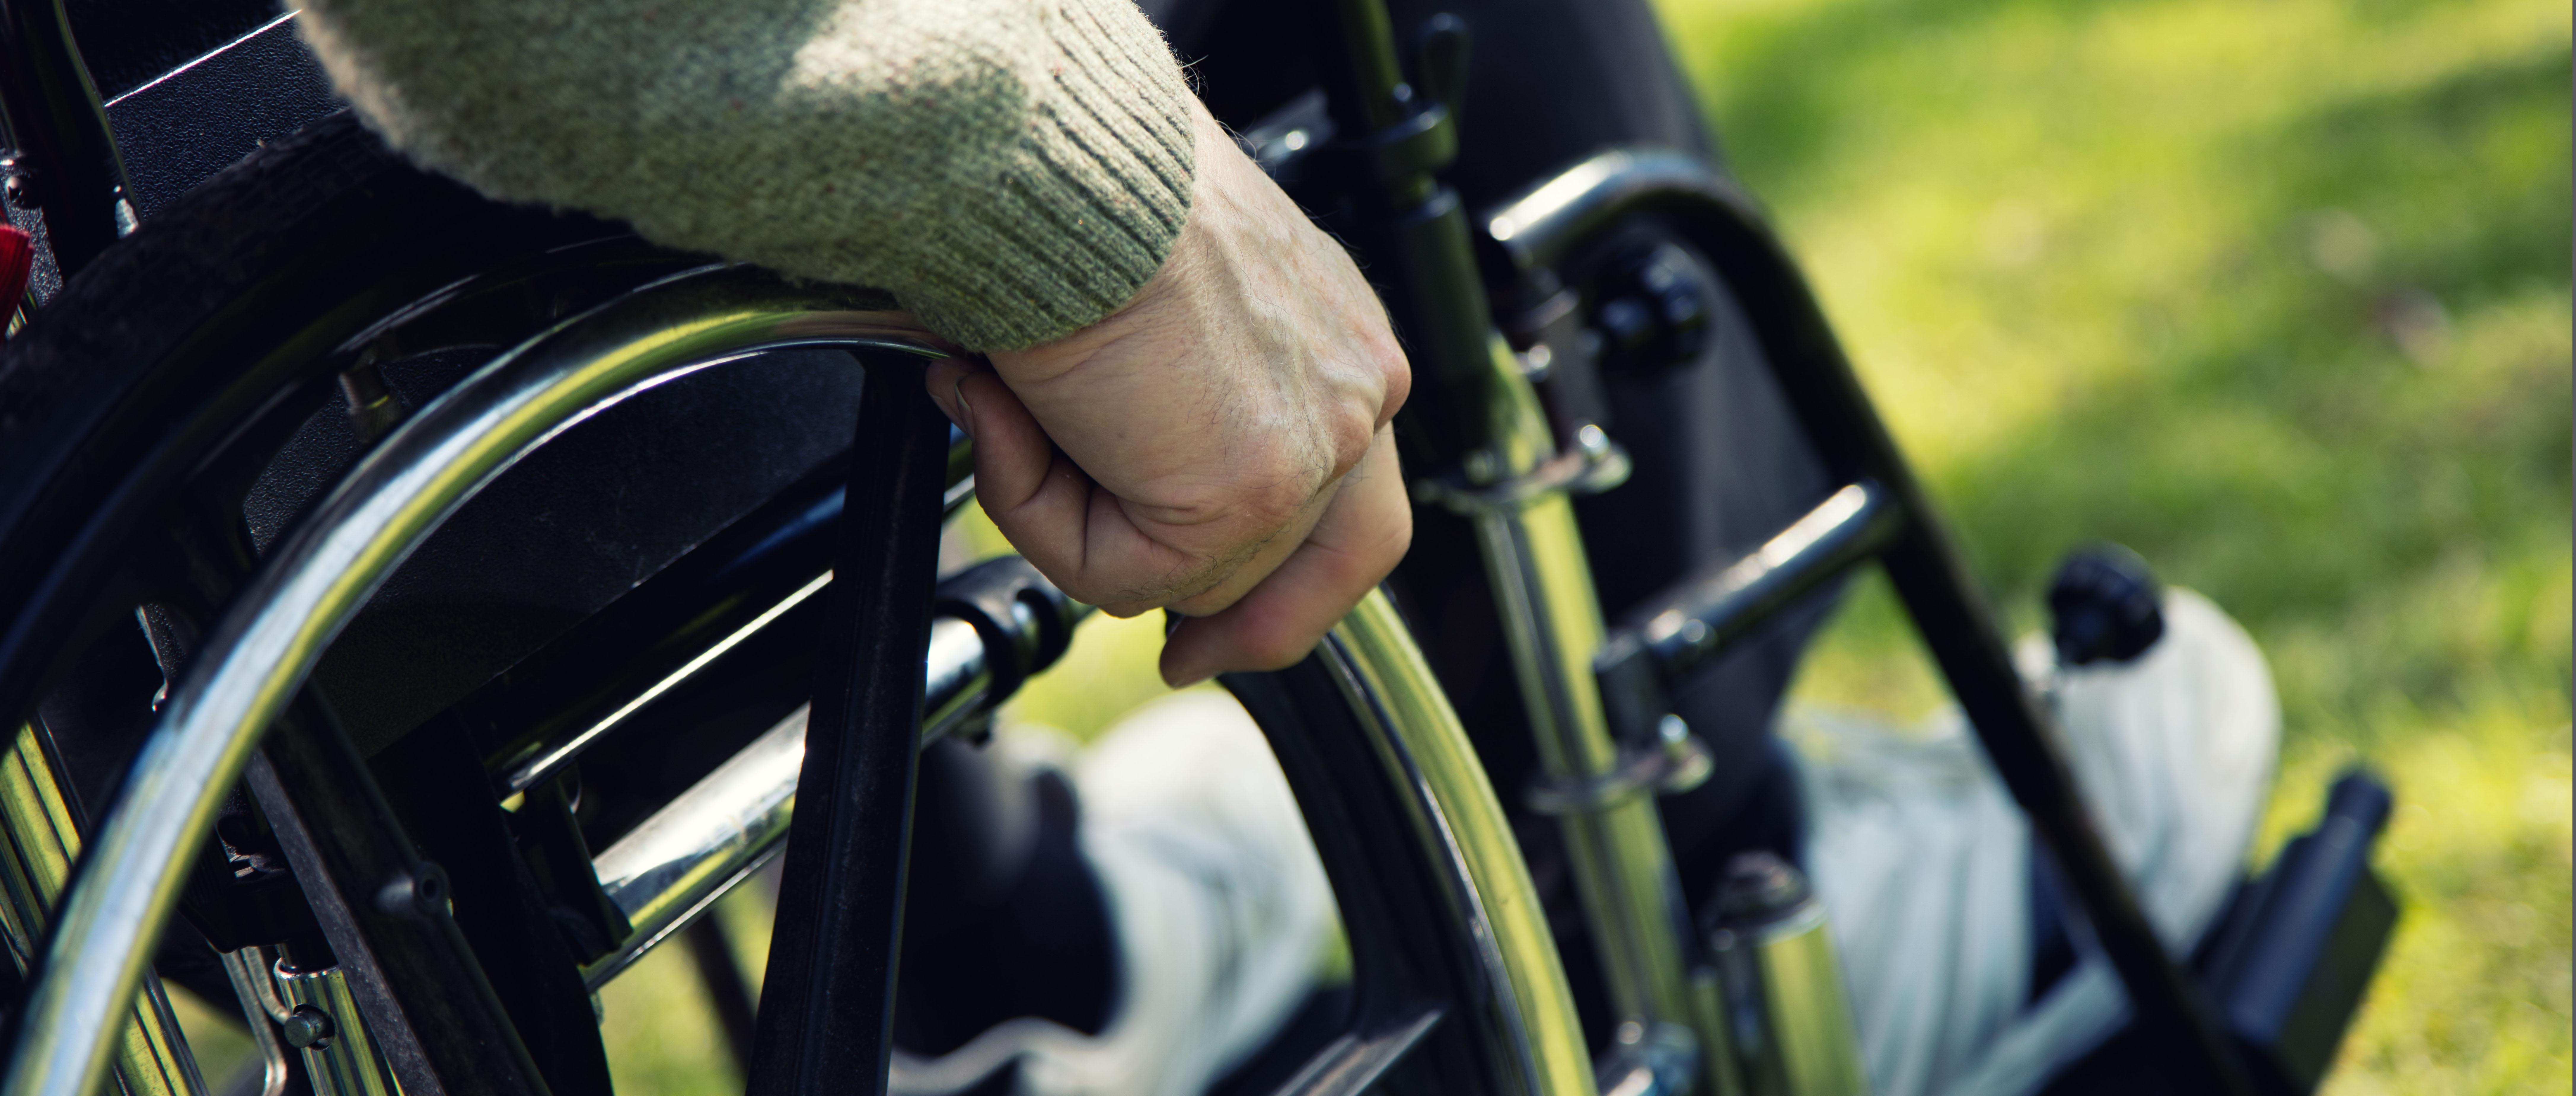 Neurological Outpatient Rehabilitation Services